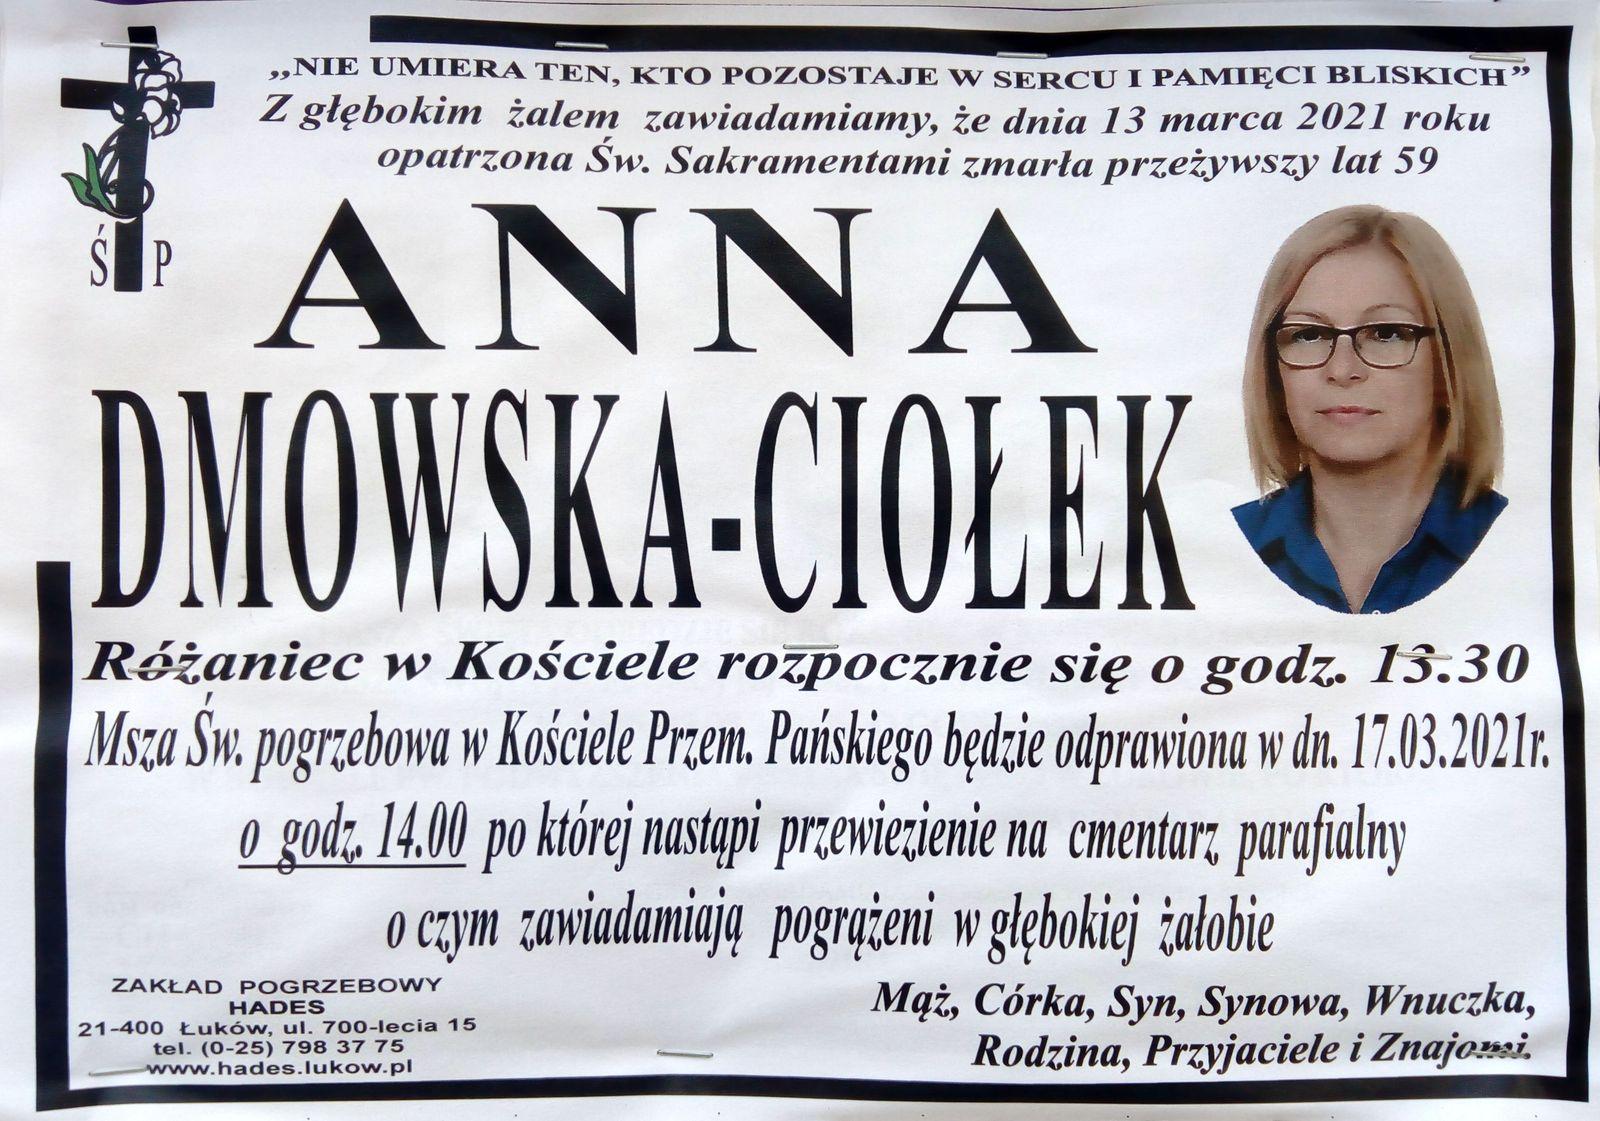 ŁUKÓW. Dziś pogrzeb Anny Dmowskiej - Ciołek - Zdjęcie główne